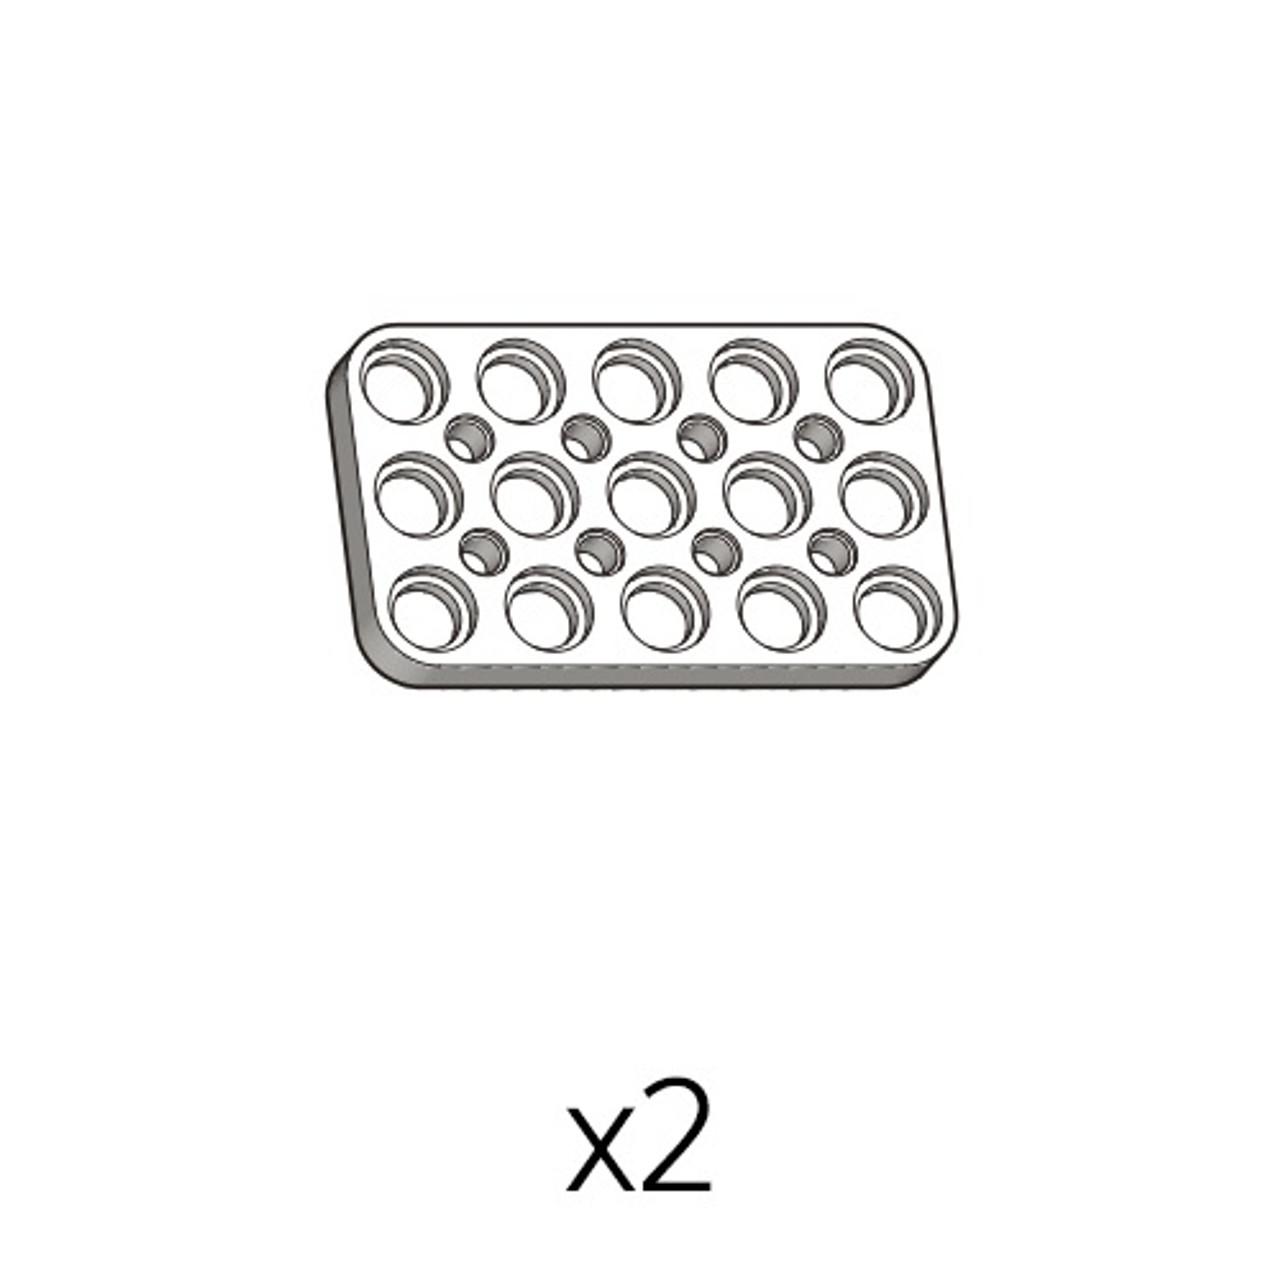 Plate (PD-3b5(w)) 2pcs